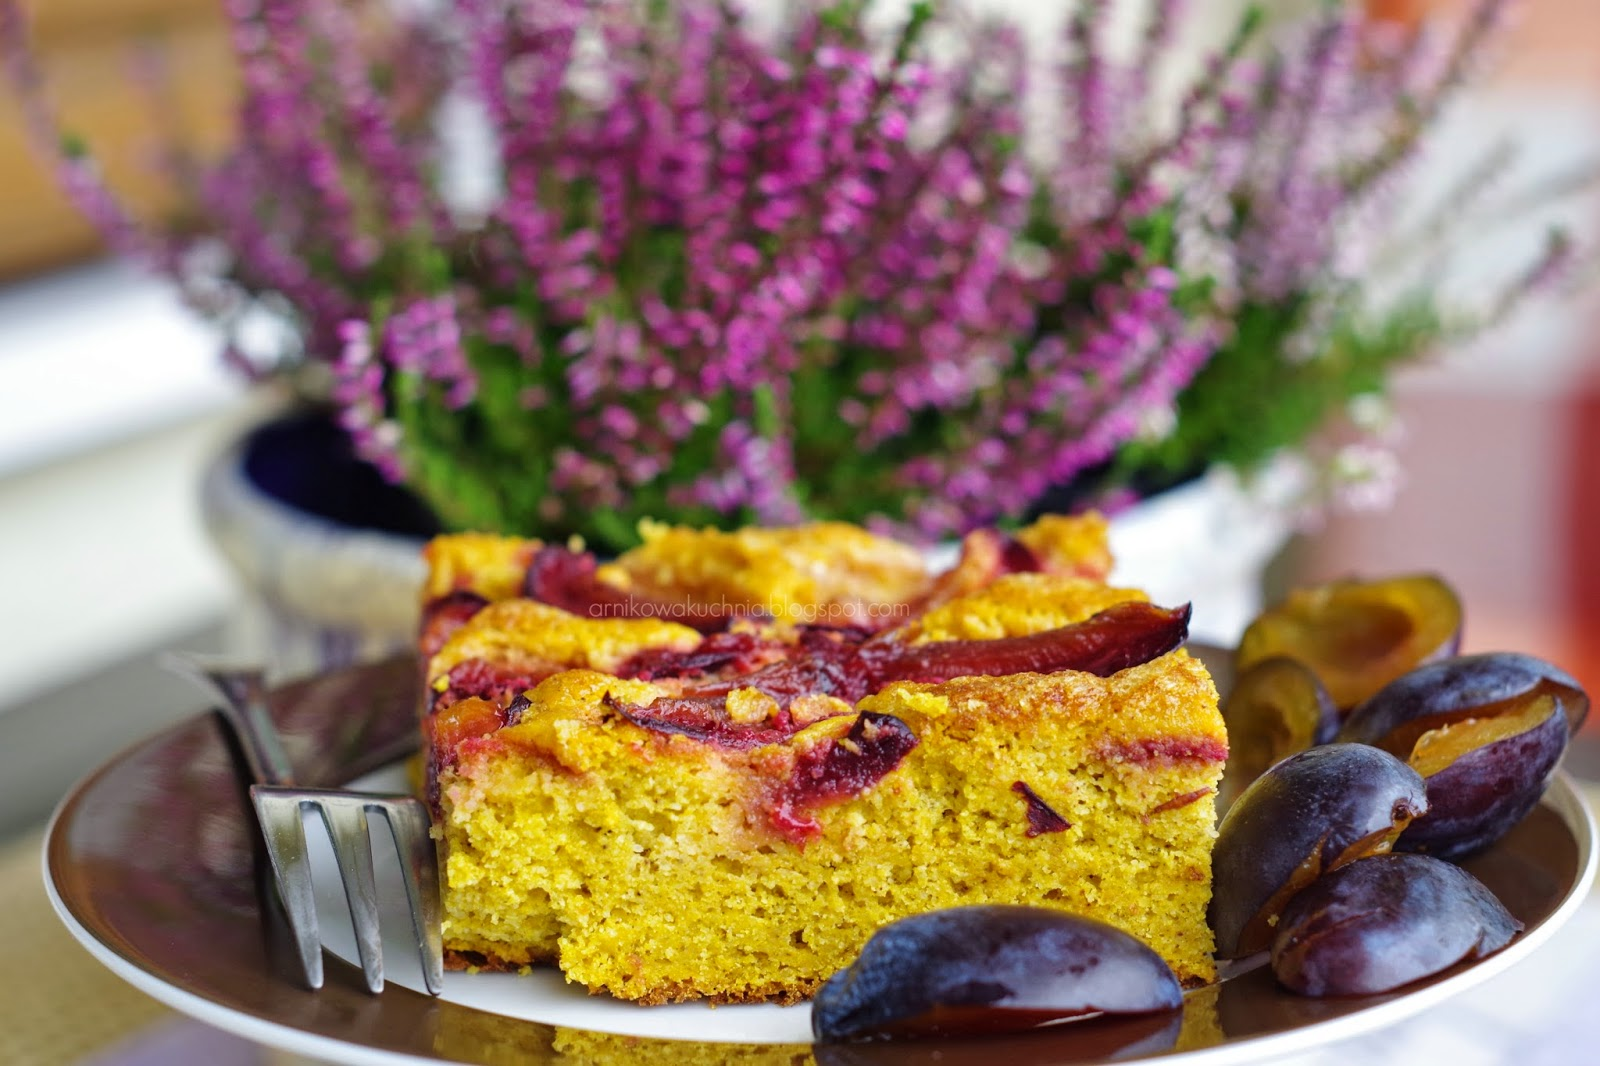 Arnikowa Kuchnia Dyniowe Ciasto Ze śliwkami Bez Glutenu